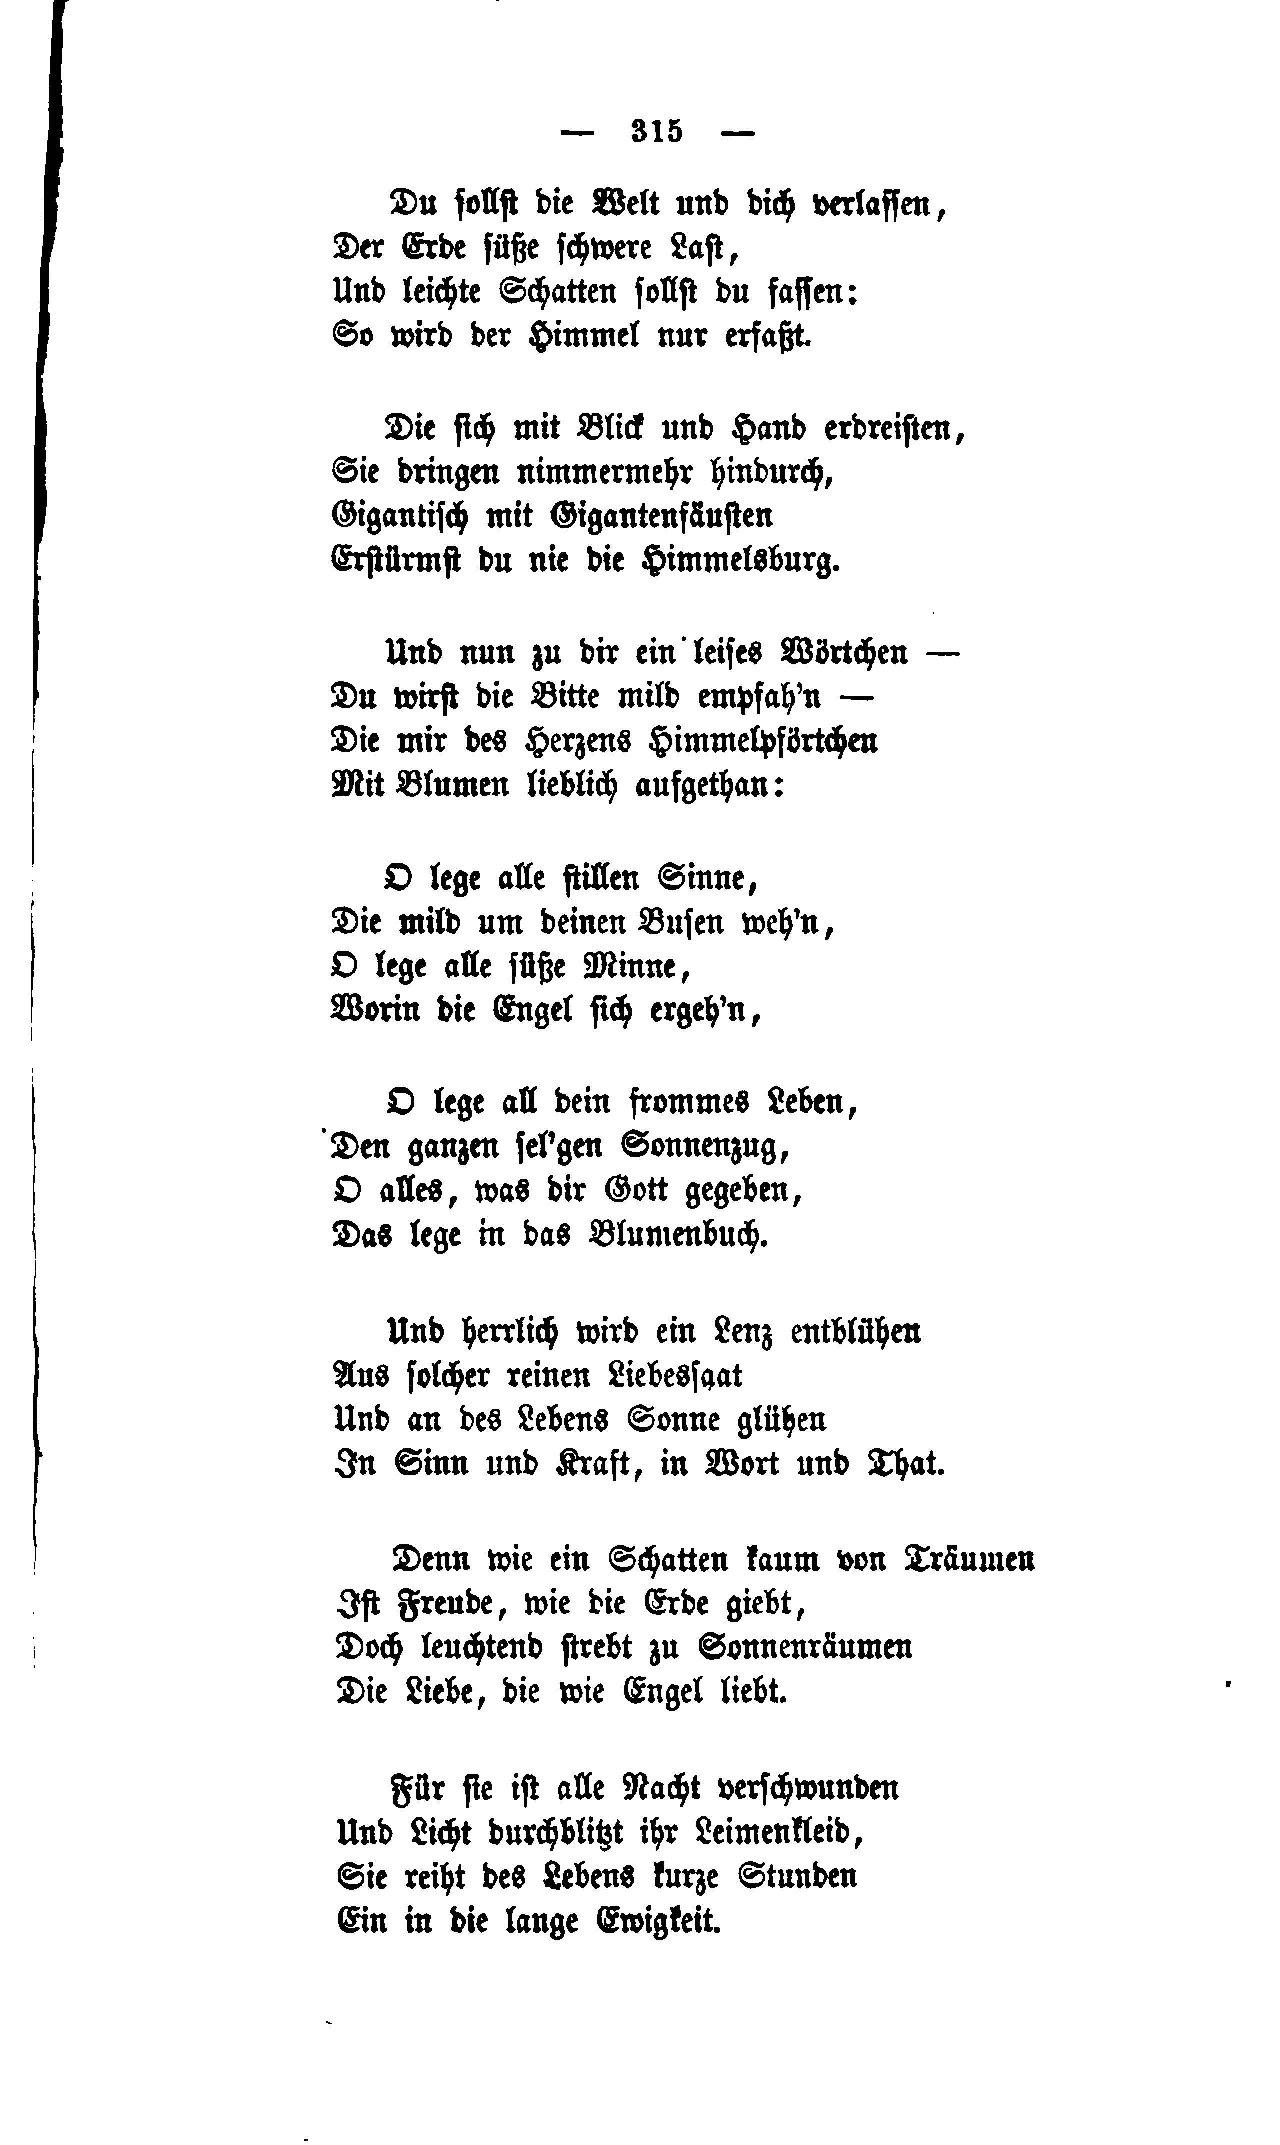 Lange leichte gedichte